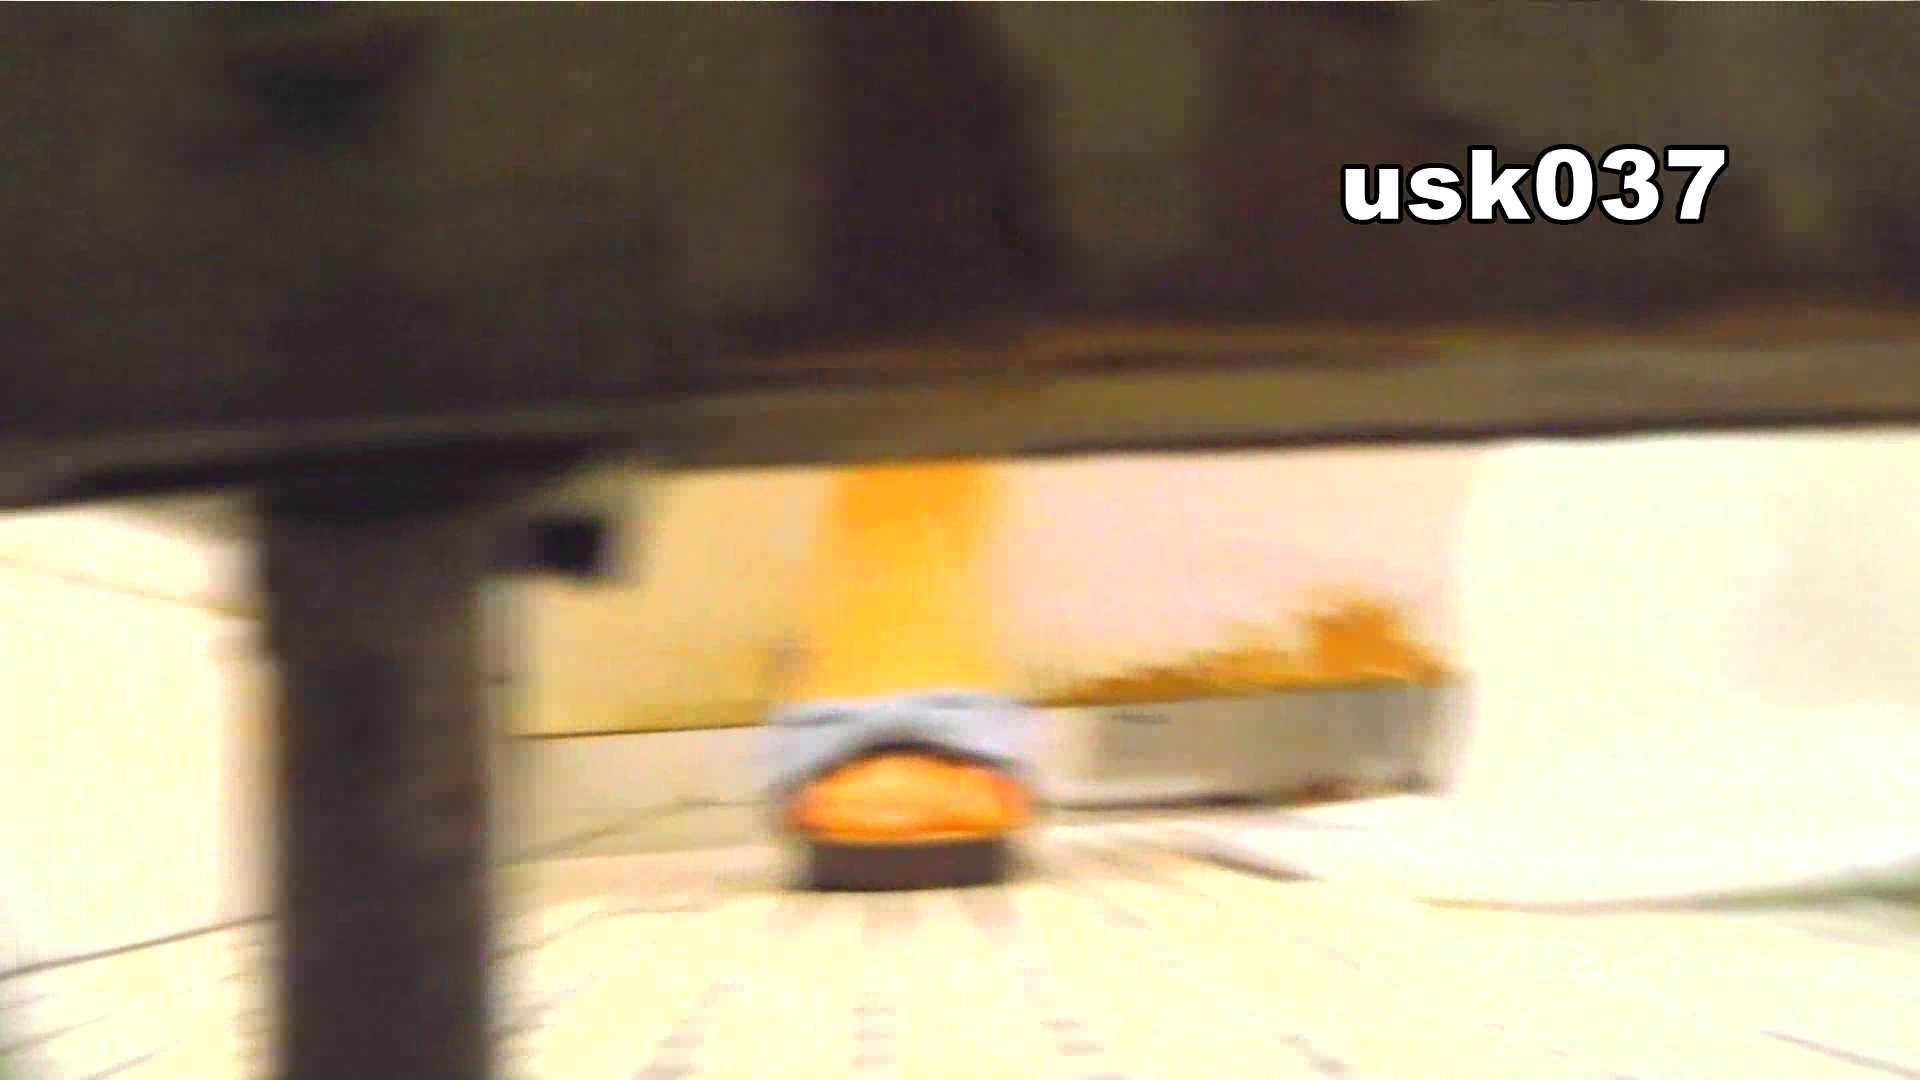 【美しき個室な世界】 vol.037 ひねり出す様子(フトイです) 洗面所   OL女体  97連発 11